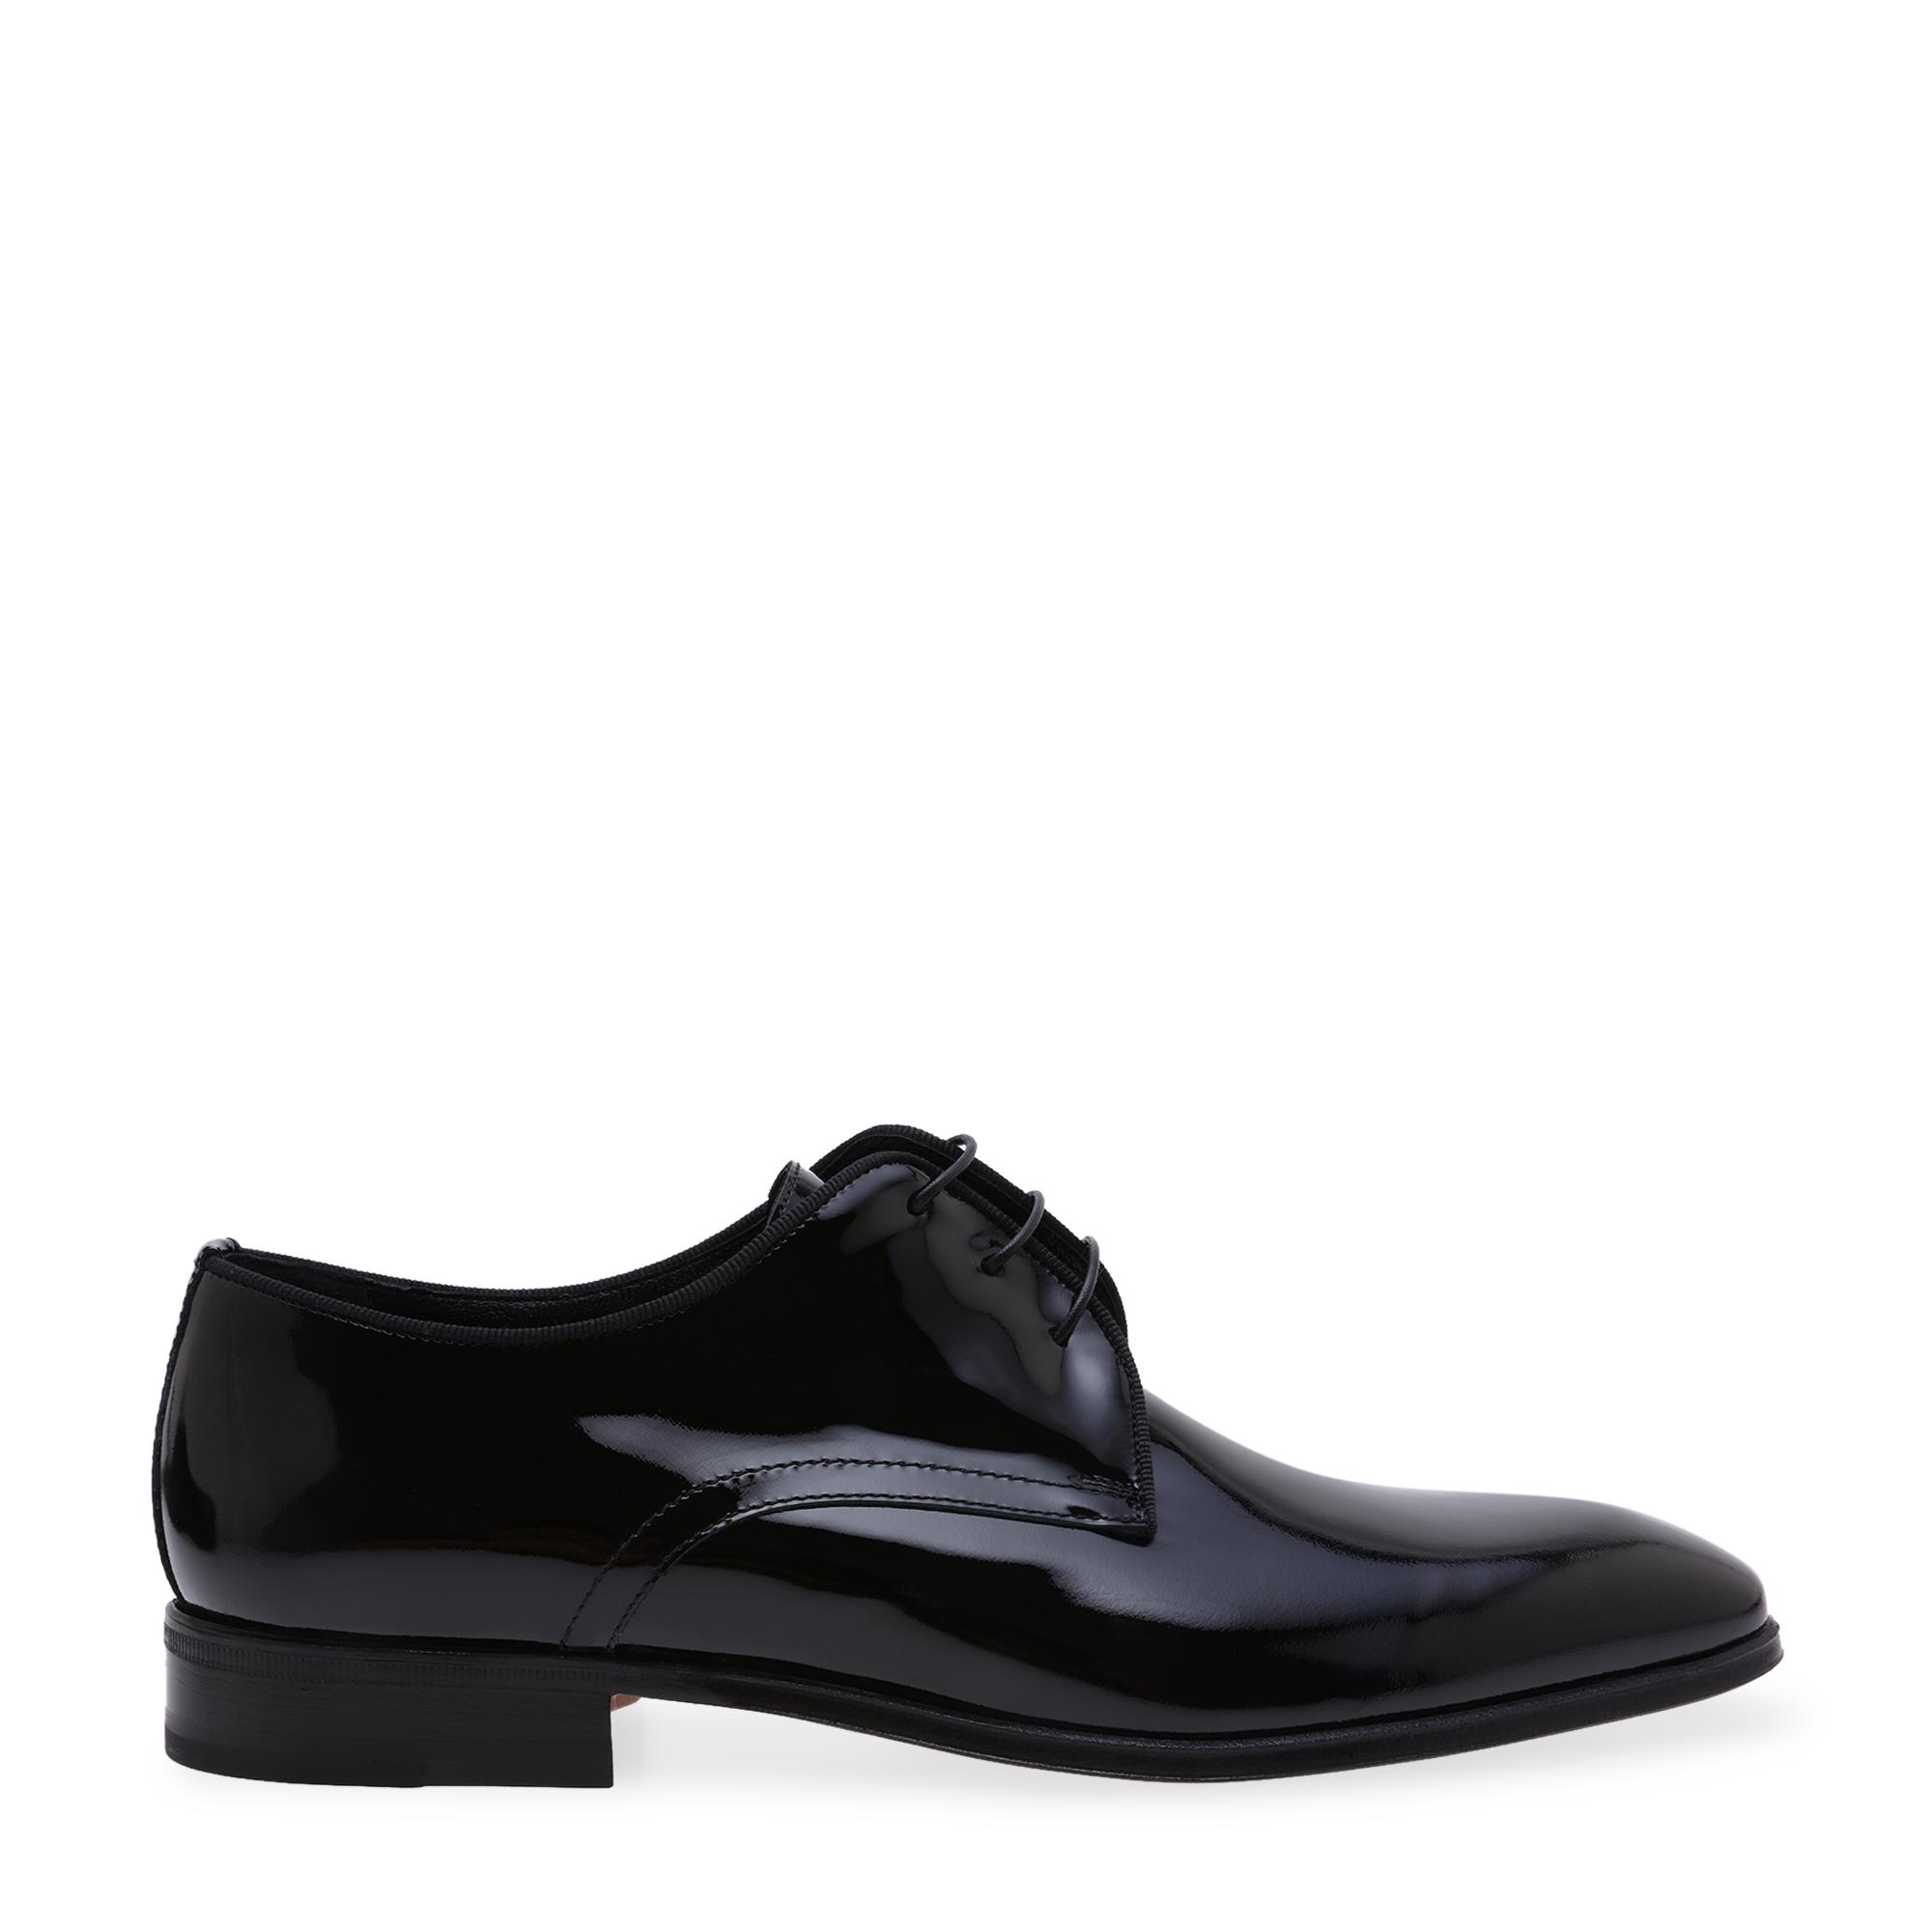 حذاء من الجلد الصناعي اللمّاع بطراز ديربي